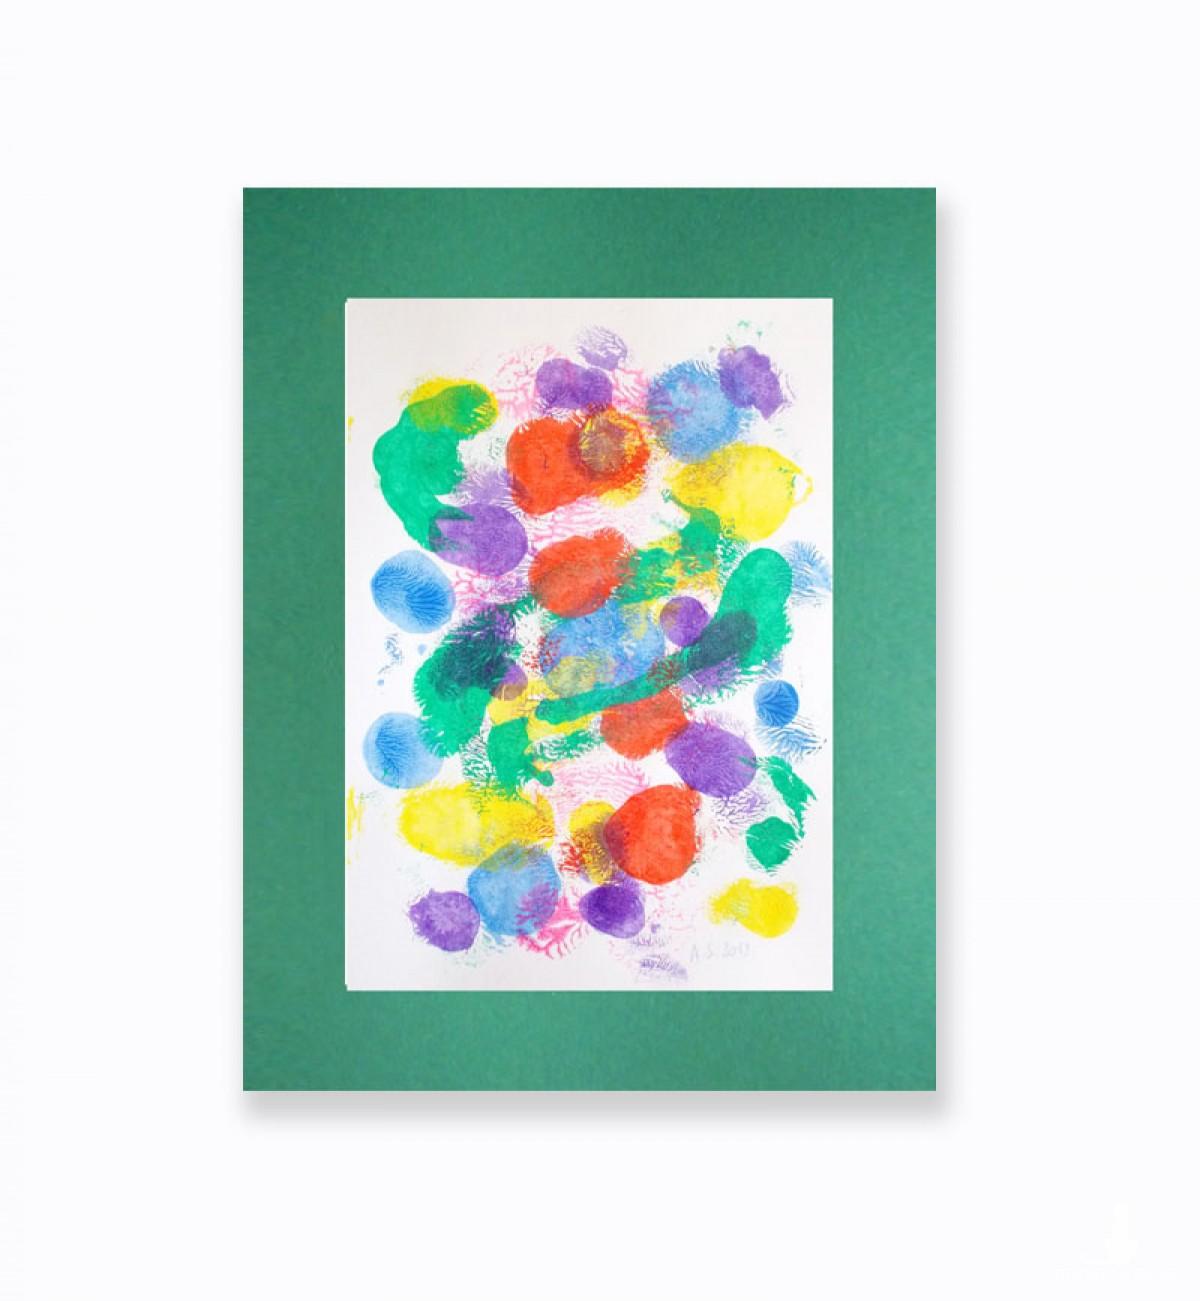 abstrakcyjna grafika, dekoracja na ścianę, kolorowa abstrakcja, nowoczesny obraz malowany ręcznie